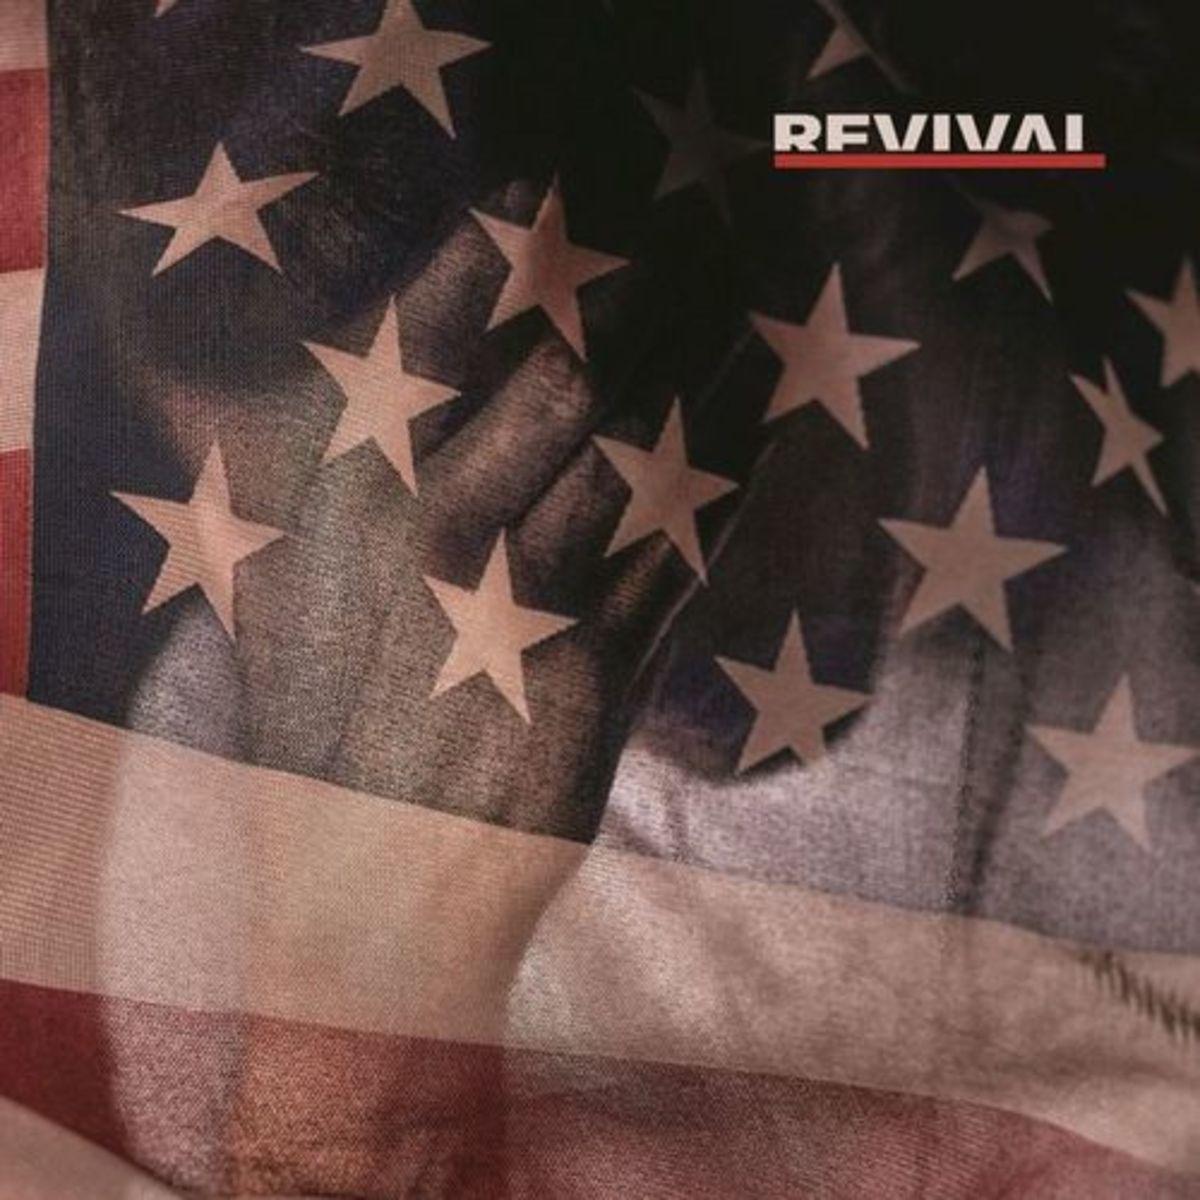 eminem-revival.jpg